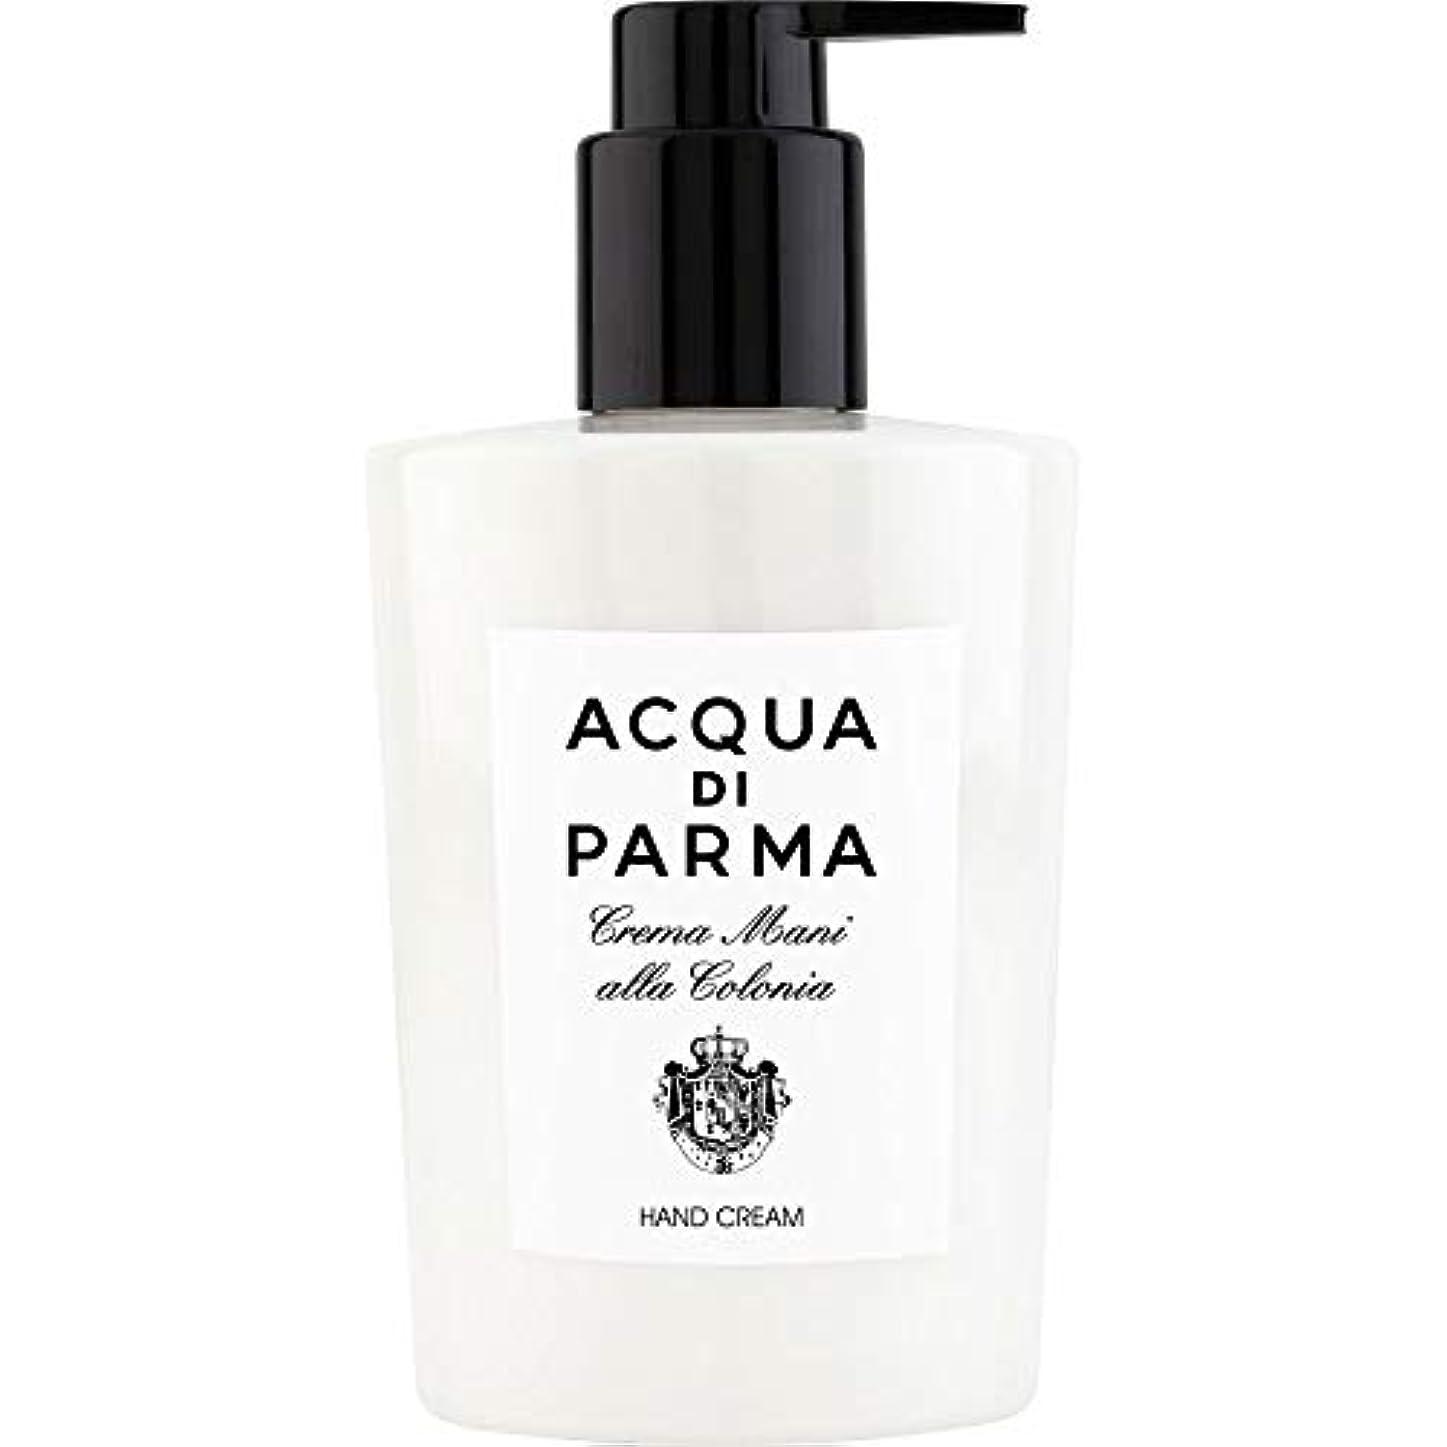 パワー会話スツール[Acqua di Parma] アクアディパルマコロニアのハンドクリーム300ミリリットル - Acqua di Parma Colonia Hand Cream 300ml [並行輸入品]